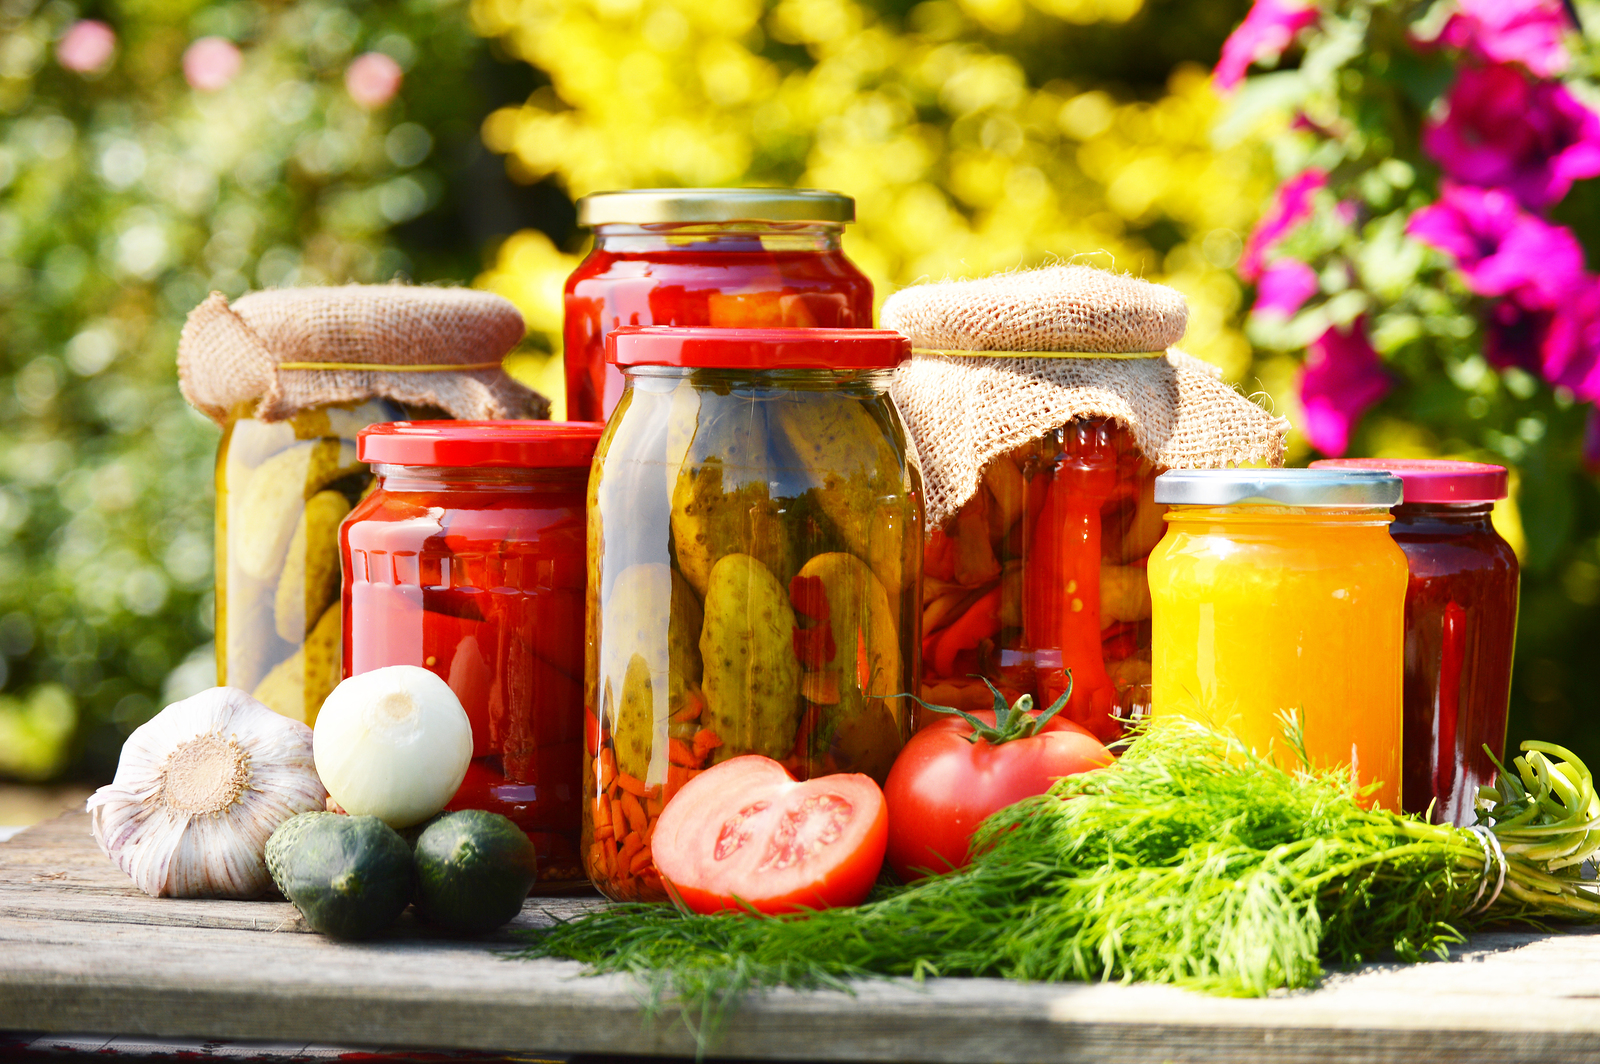 Овощи в банках картинки